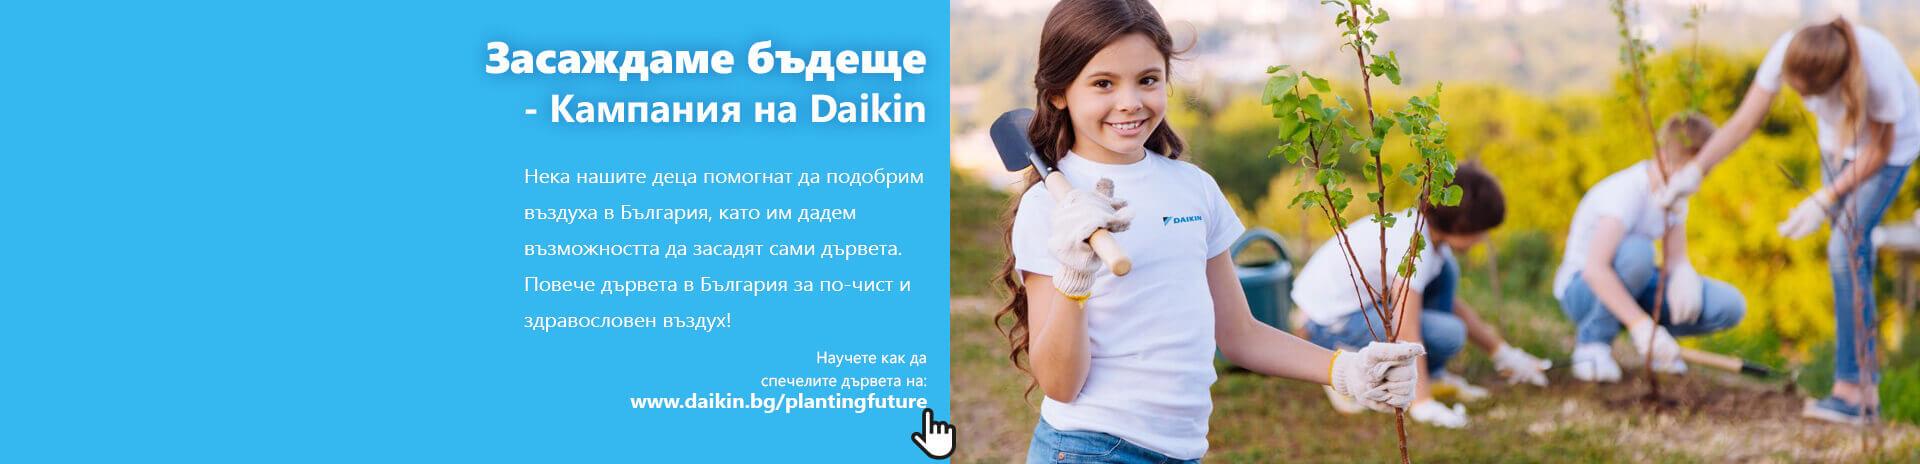 Кампания на Daikin Засаждаме бъдеще